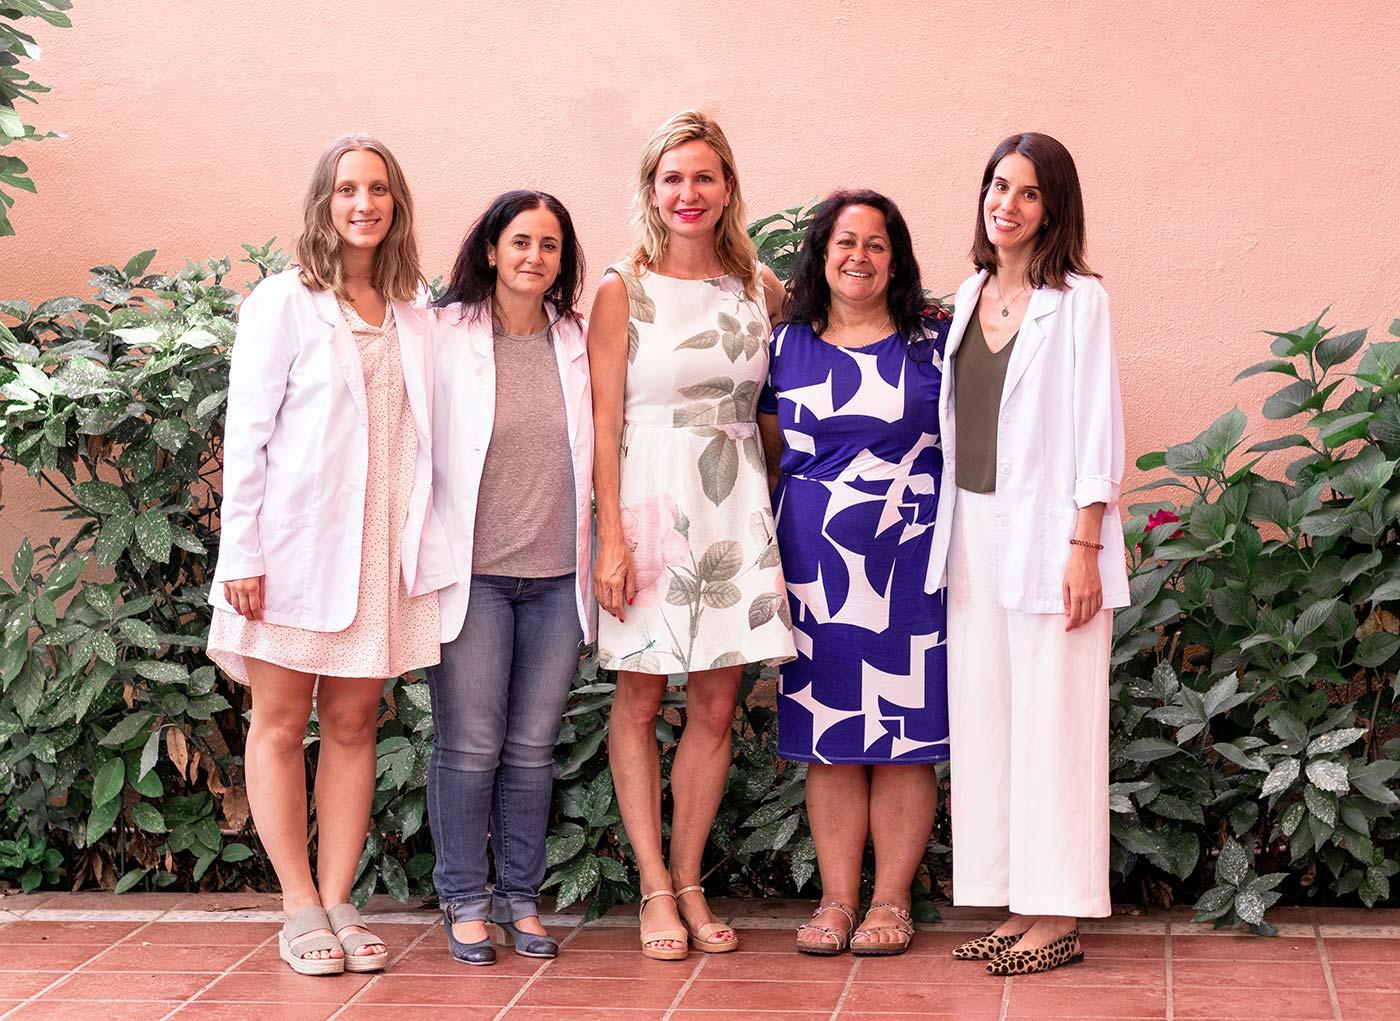 Carolina Andrés, Dra. Susana Cortés, Inge Kormelink, Joyce Harper and Andrea Rodrigo